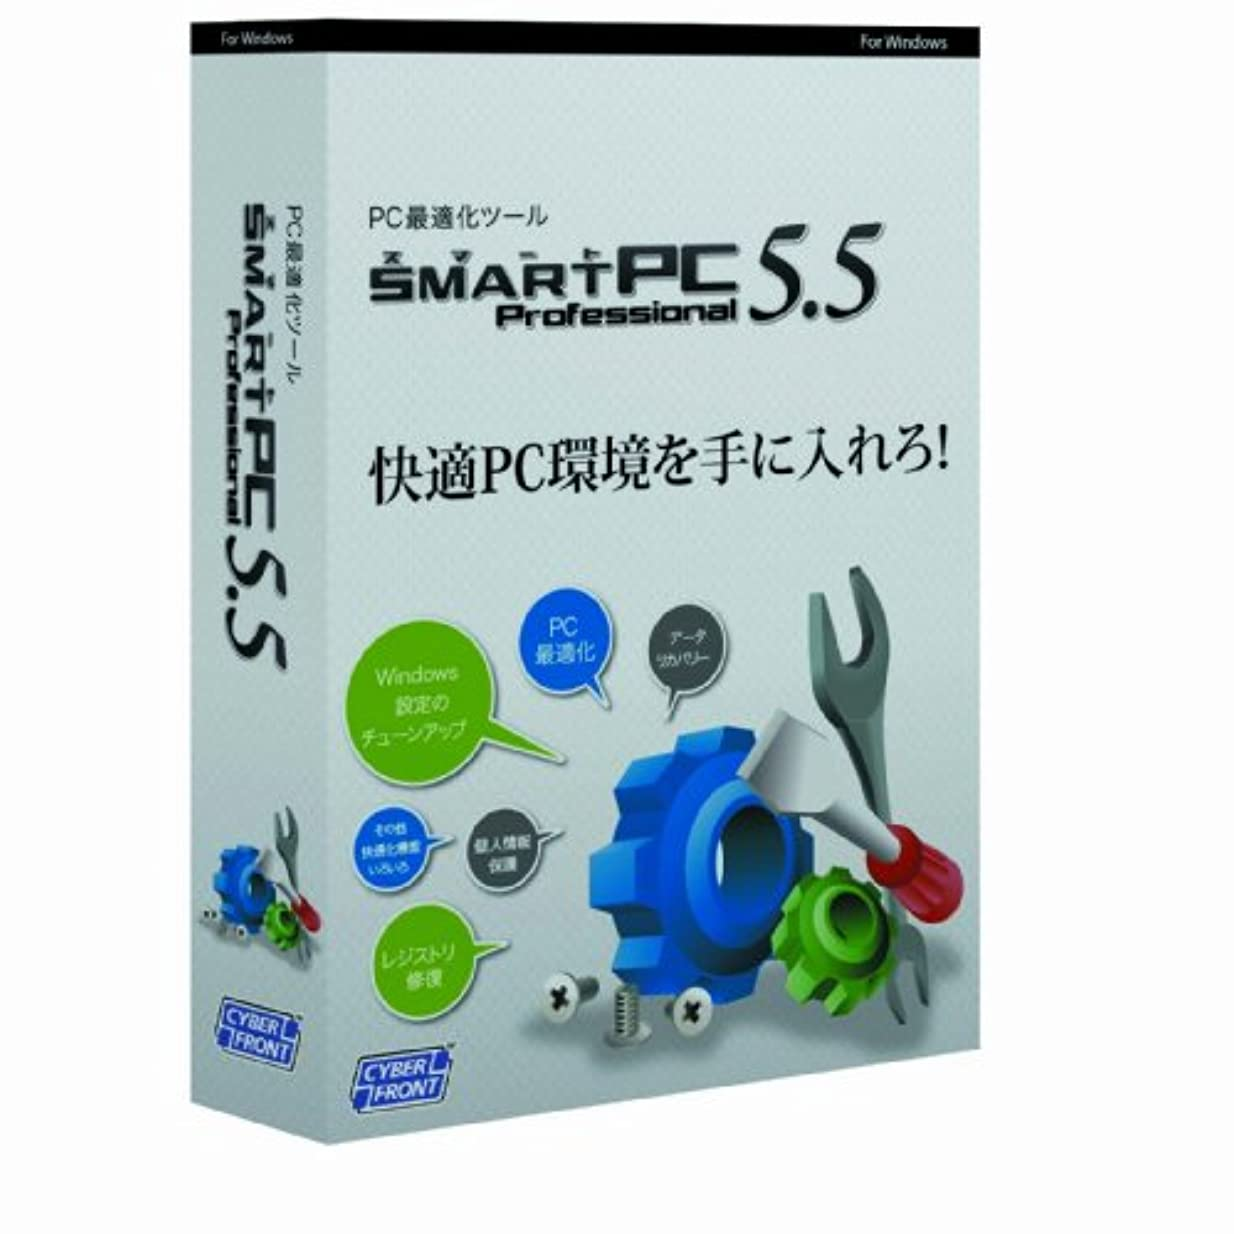 無人二度ペダルSmartPC Professional 5.5